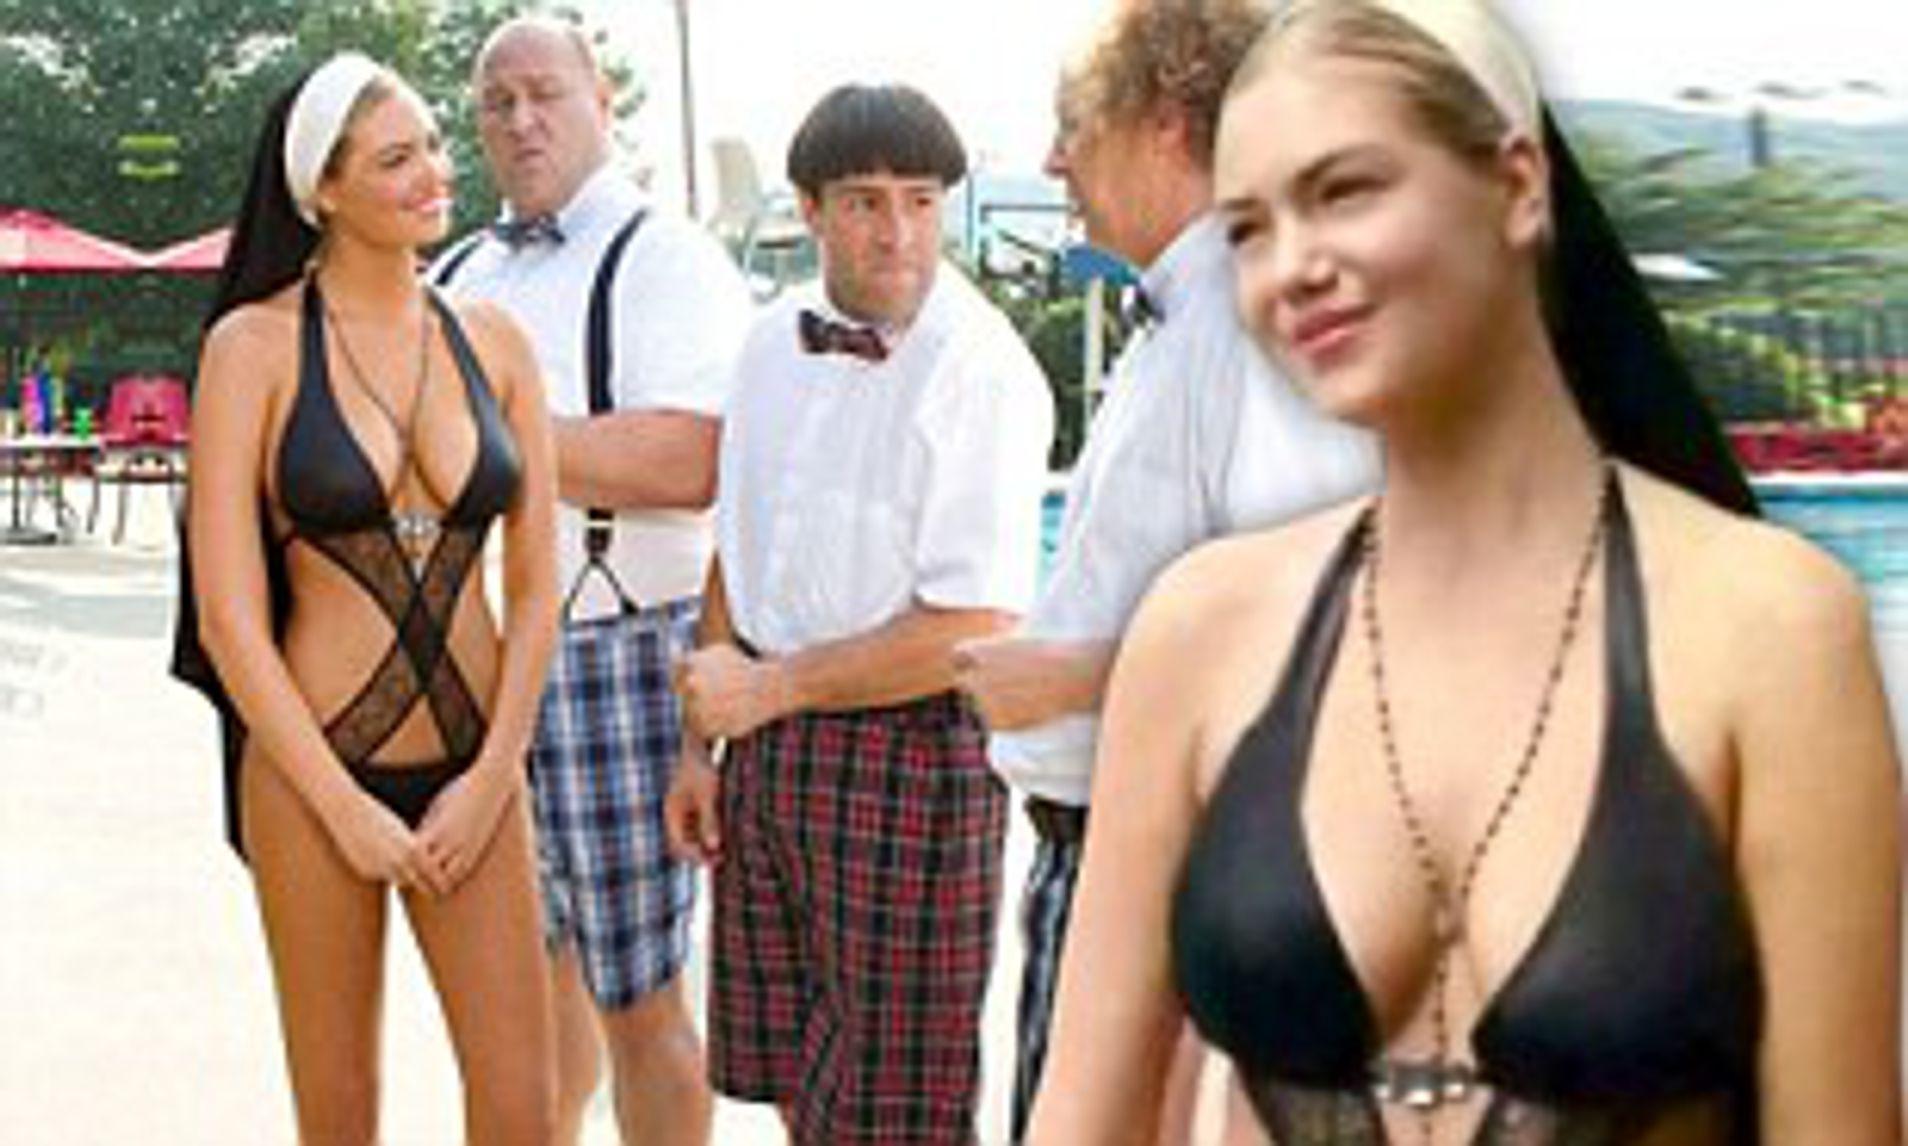 Kate upton bikini nun